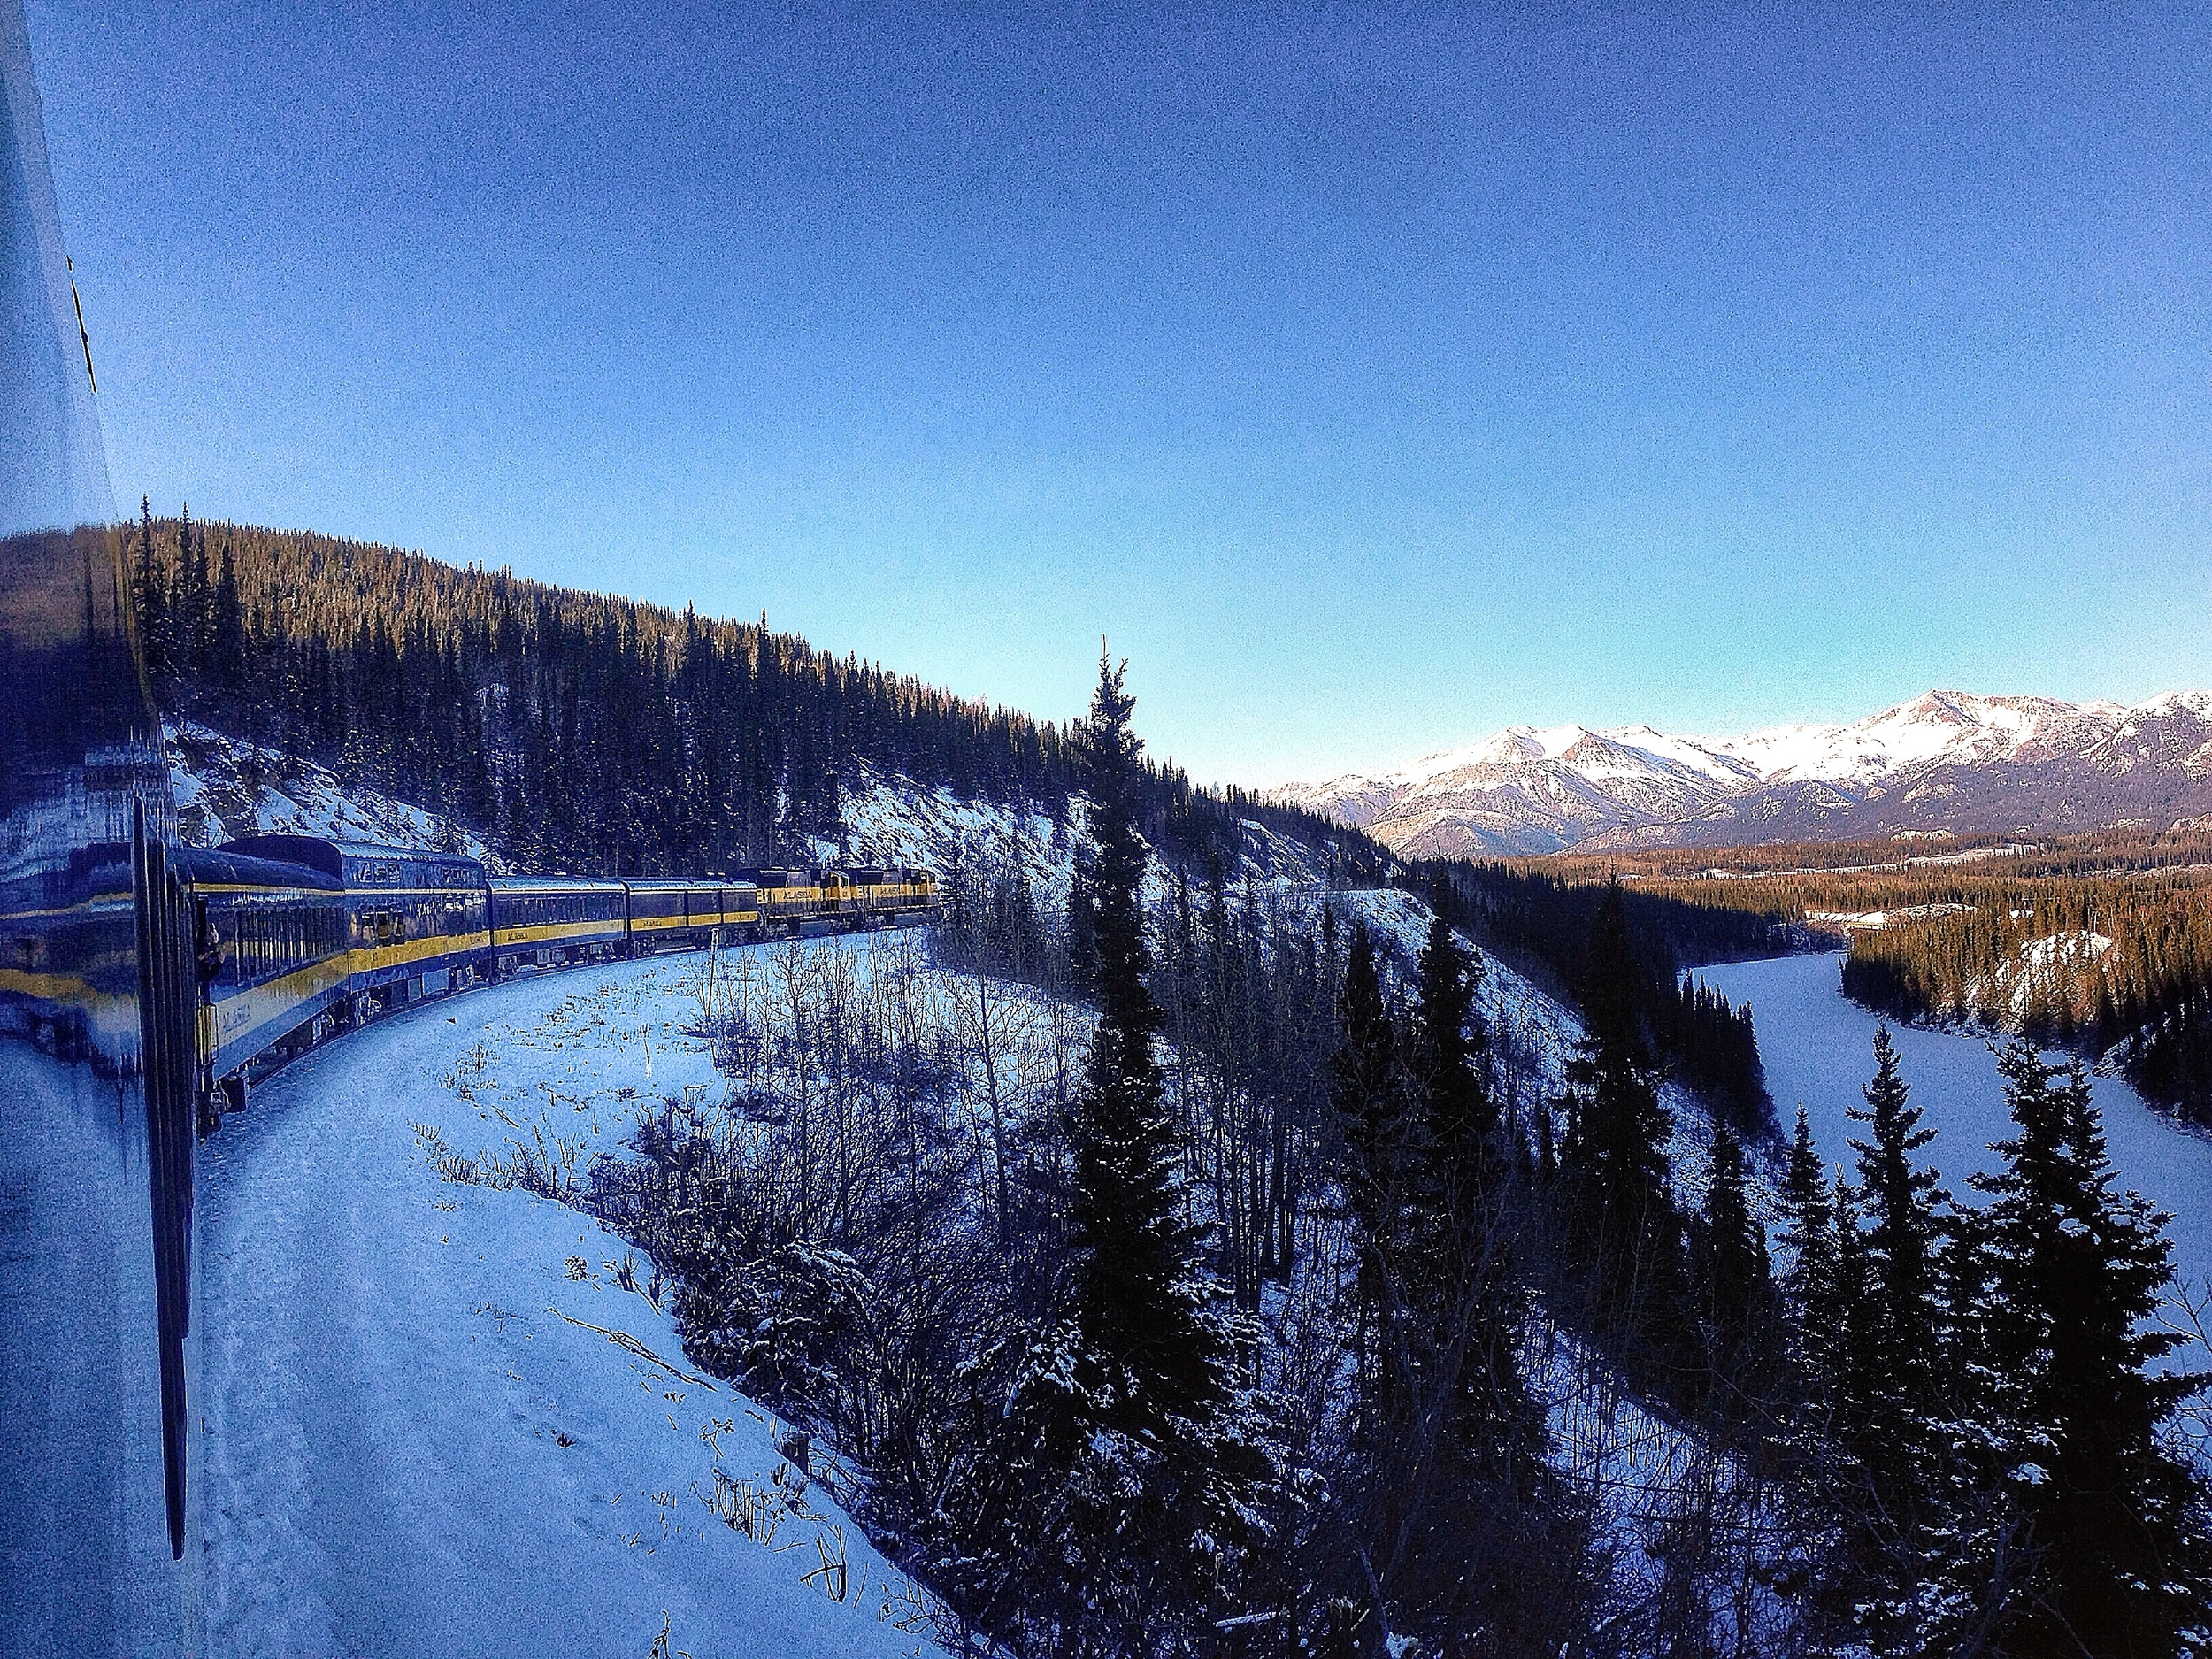 Alaska Railroad_11.JPG